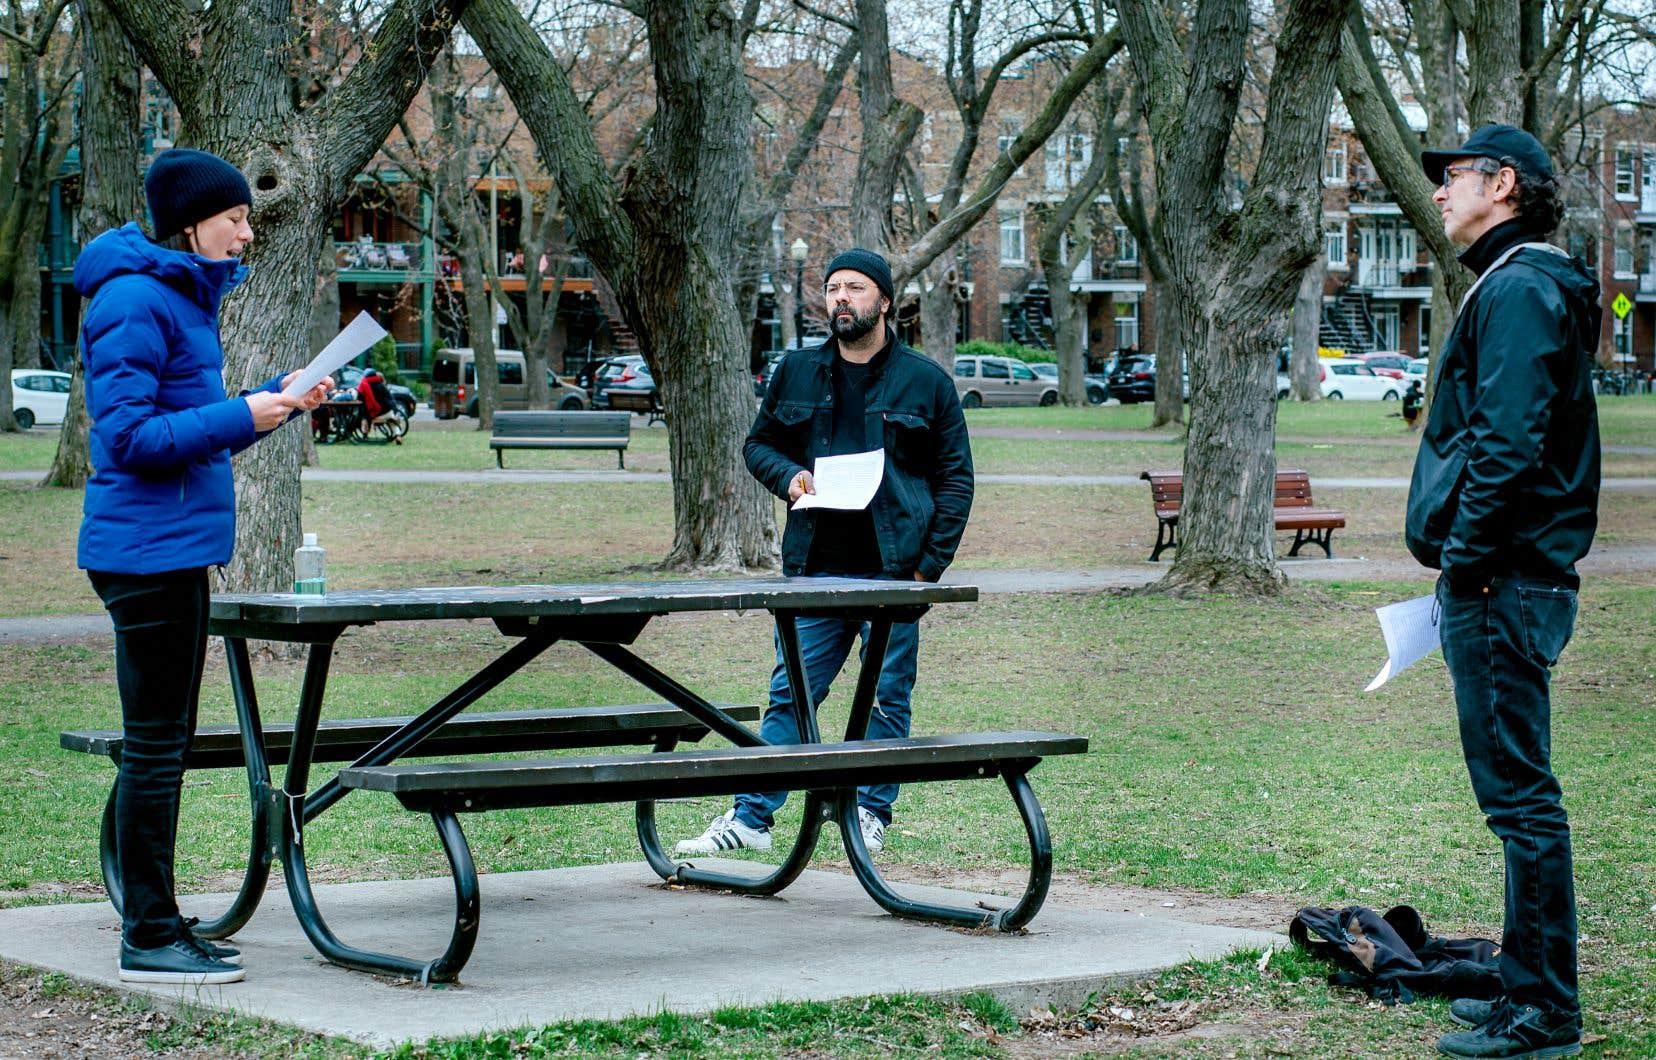 Mani Souleymanlou et deux membres de La Jeune Troupe Quat'Sous en répétition au parc Baldwin, à Montréal. Ils s'intéressent à cet espace qui rend le théâtre vivant: l'œil du spectateur. La troupe propose ainsi d'amener la performance directement à la rencontre du public.